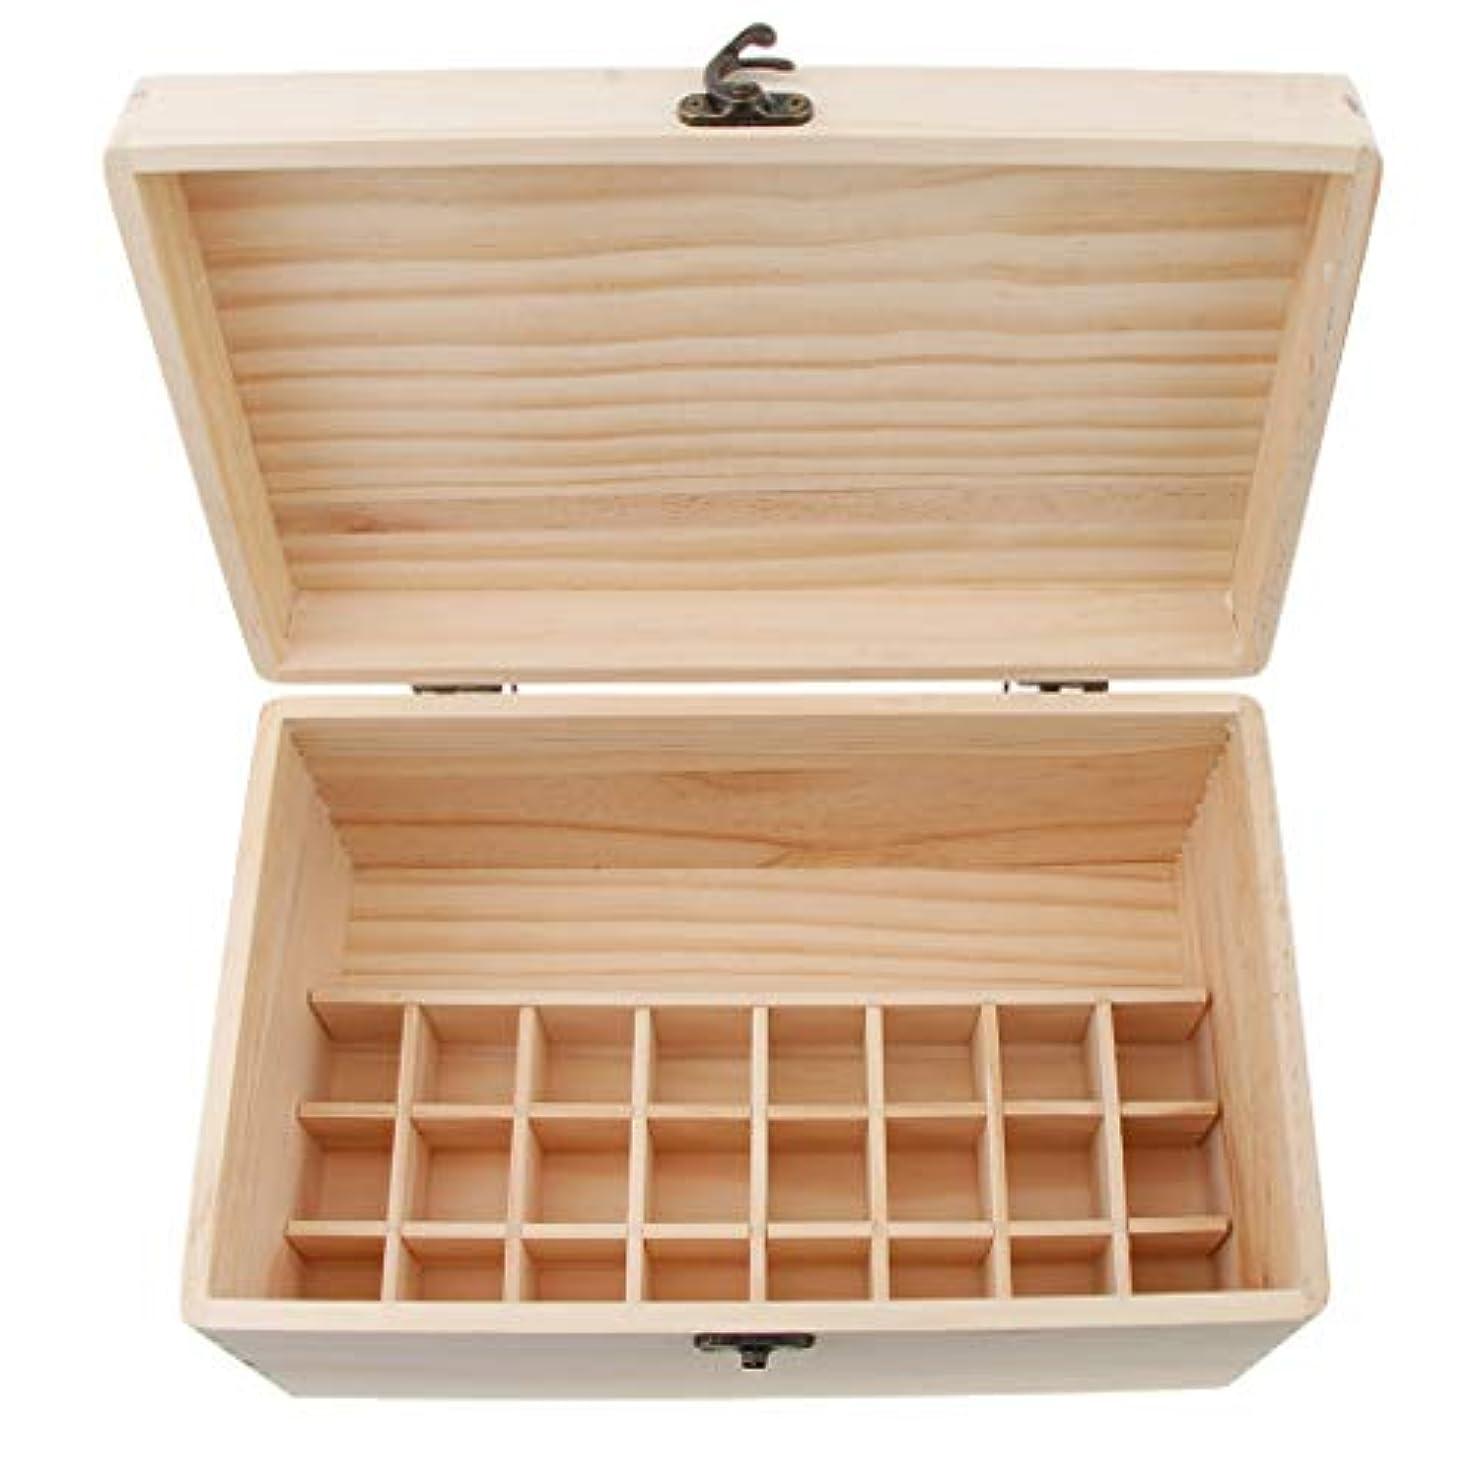 大混乱麻痺修羅場エッセンシャルオイル 木製収納ボックス ディスプレイ キャリーケース オーガナイザーホールド 32本